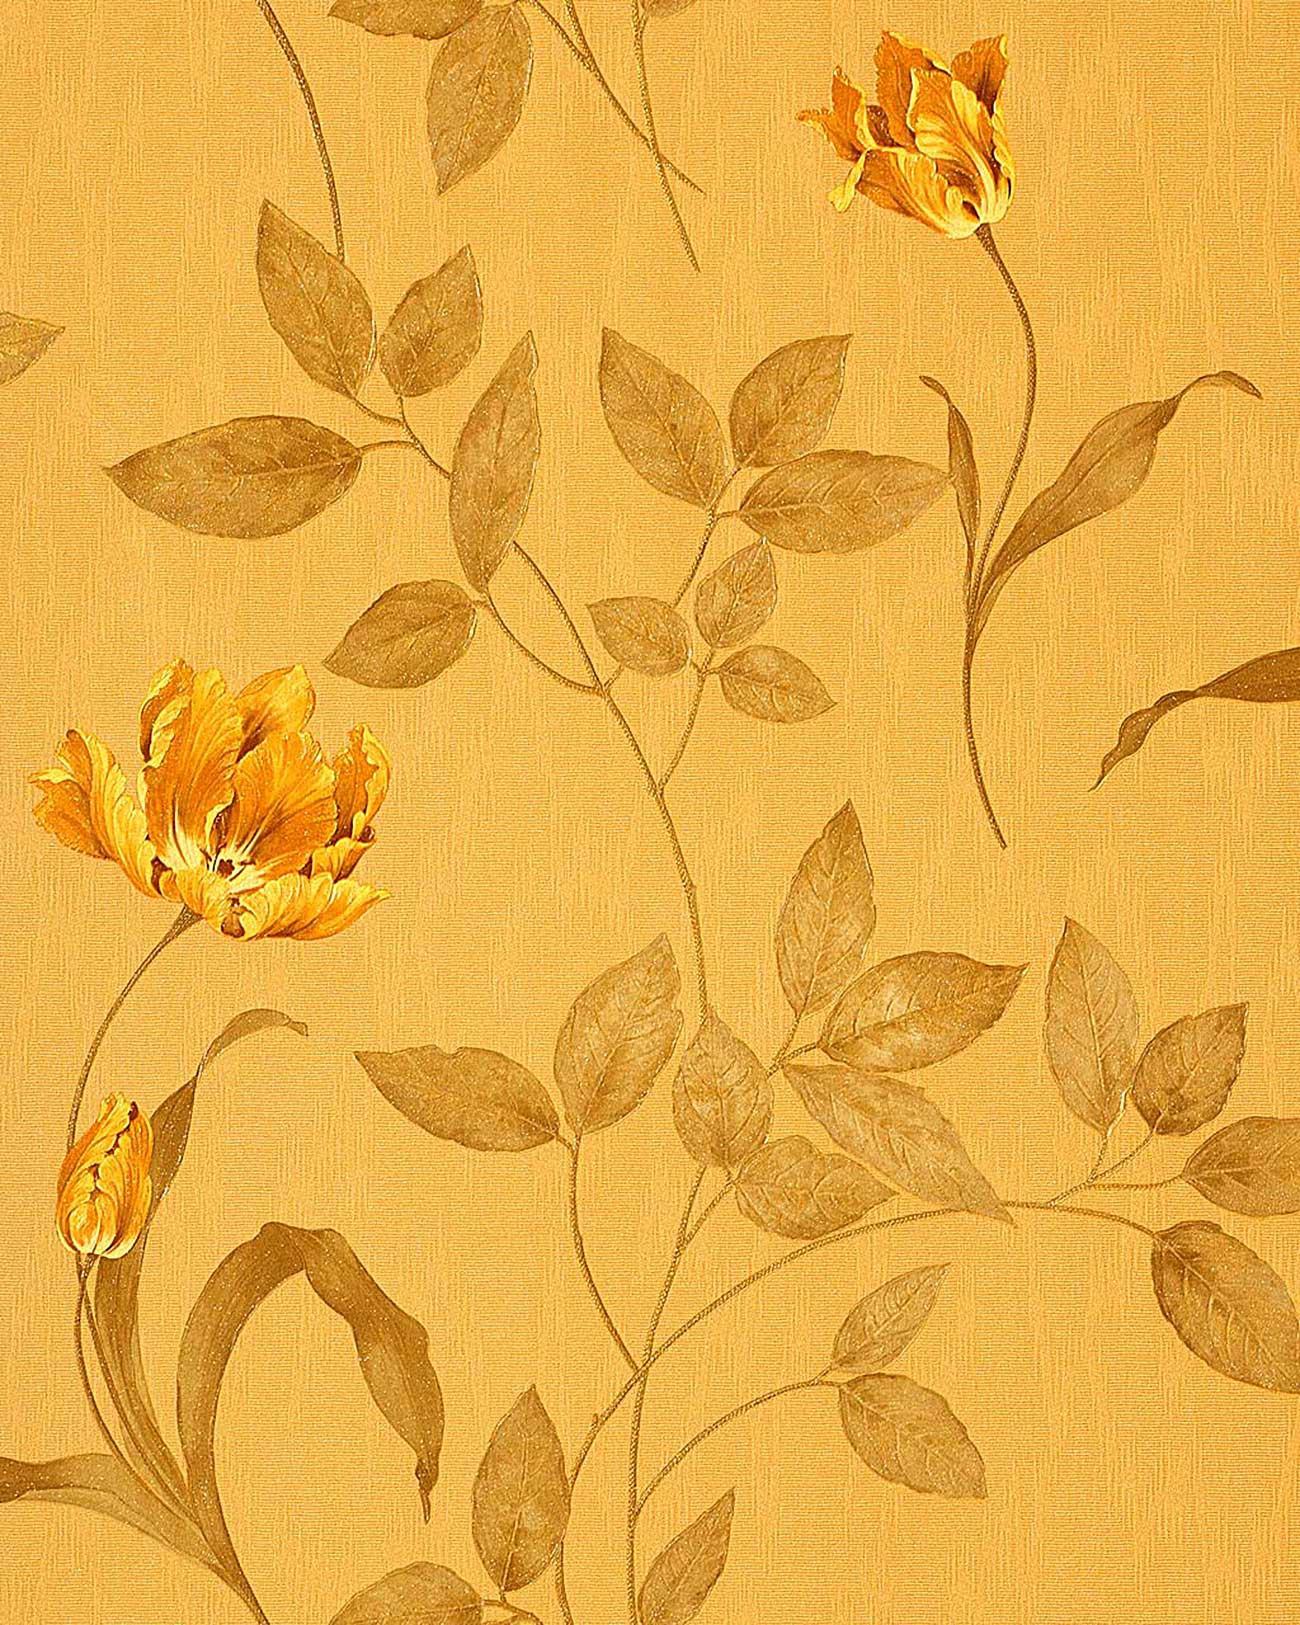 Carta da parati goffrata a fiori edem 769 32 carta da for Carta da parati di lusso